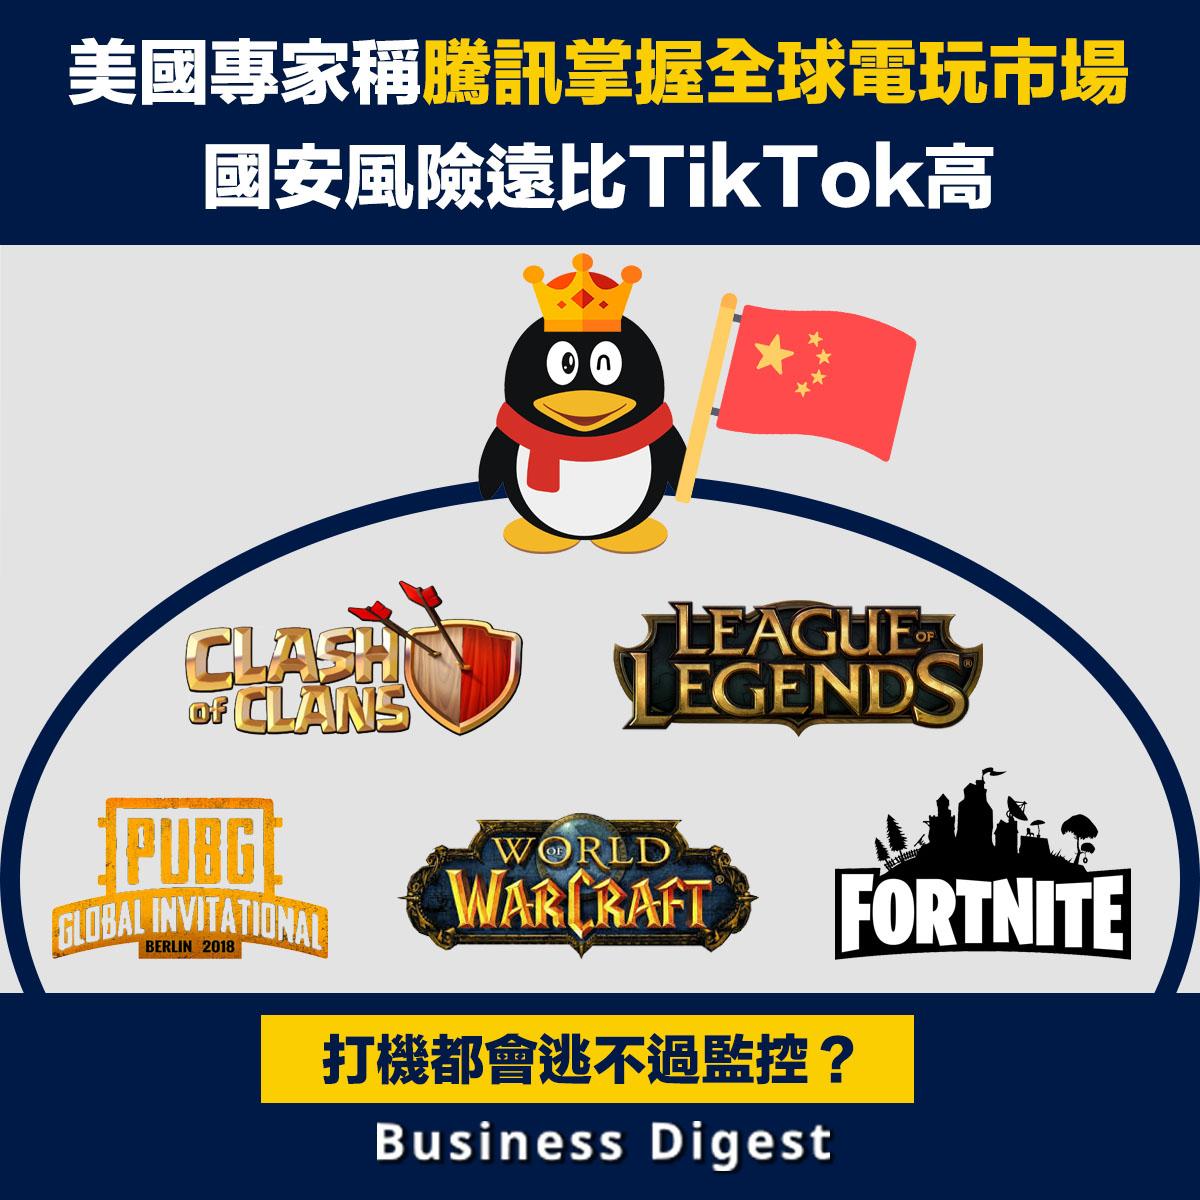 美國前政府資安專家及智庫「新美國安全中心」(CNAS)學者表示,中國科技巨頭「騰訊」掌握全球電玩市場的程度,對美國構成的國安威脅,遠遠比TikTok和Wechat等